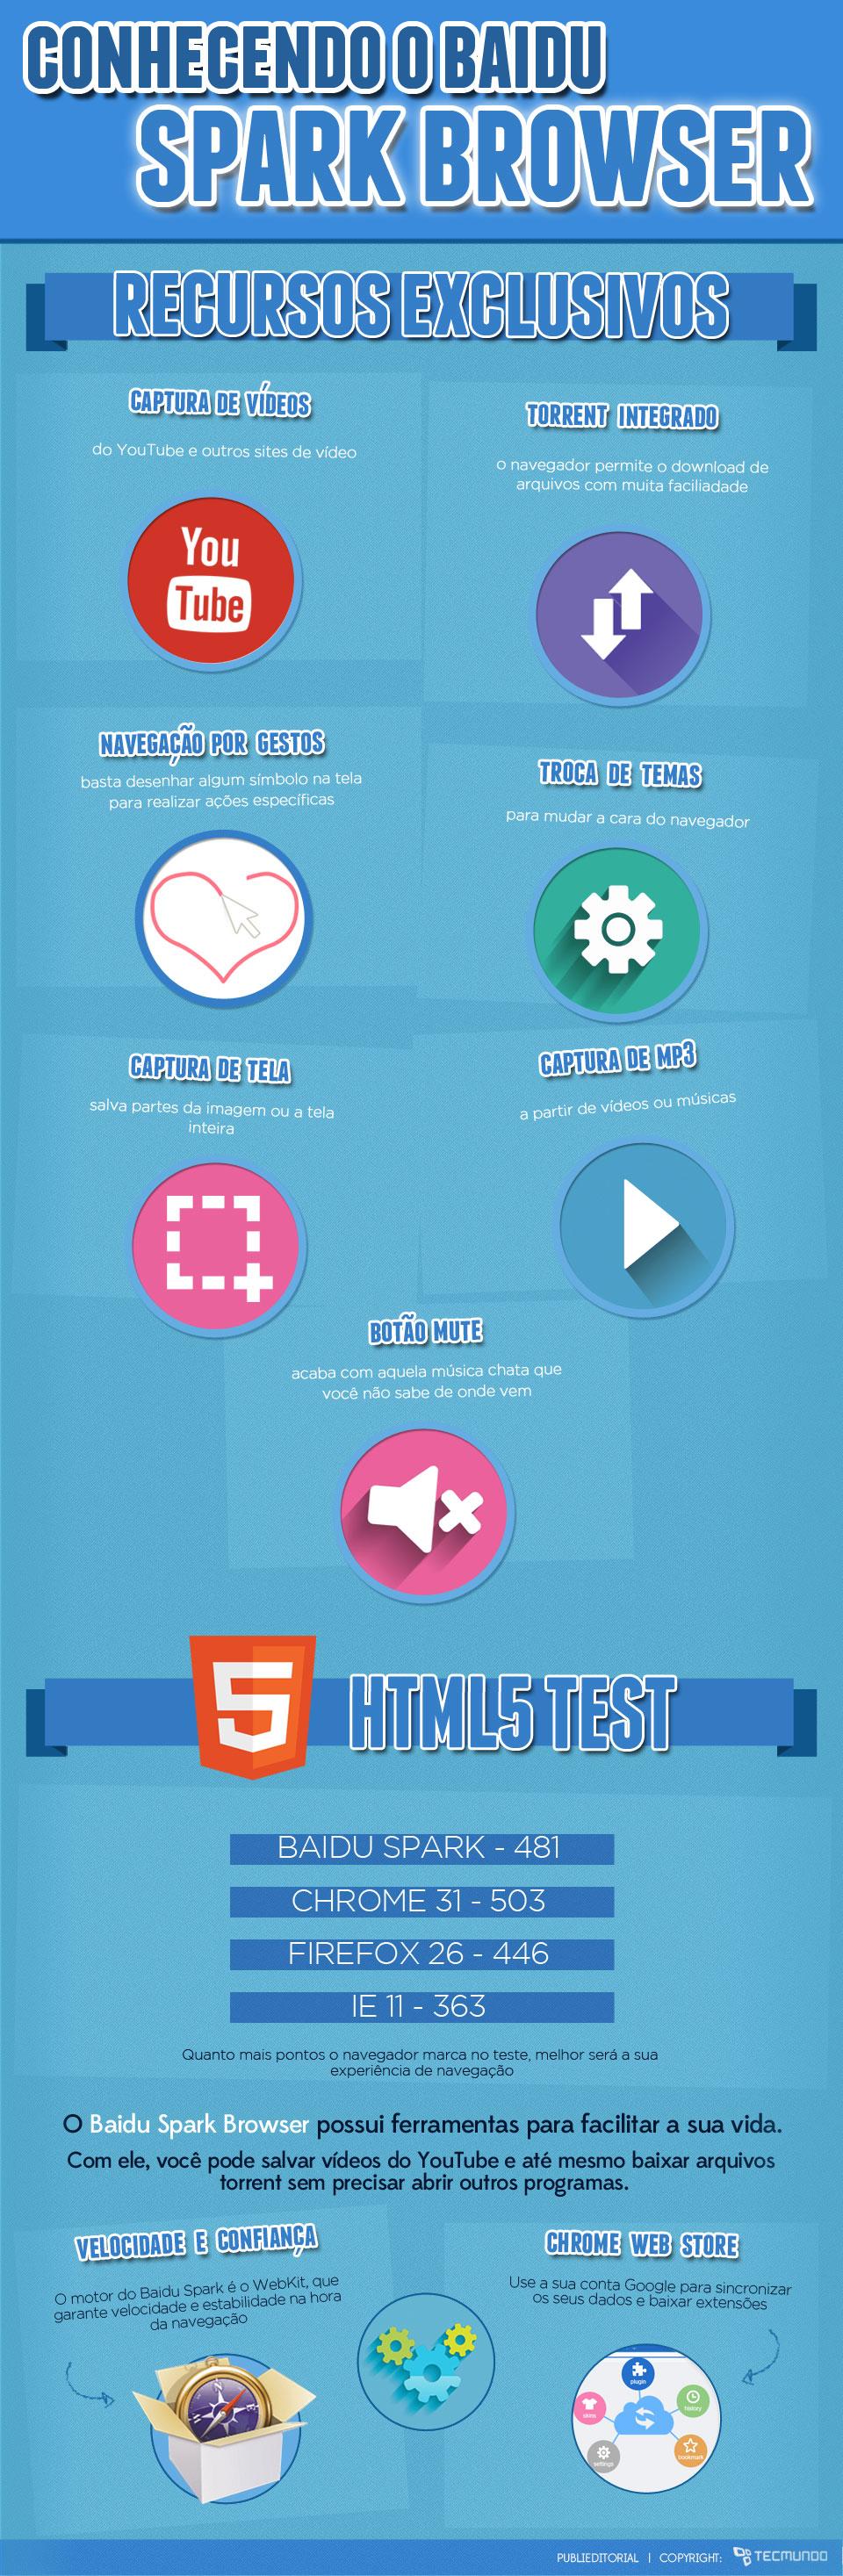 Baidu Spark Browser: uma nova forma de navegar pela internet [infográfico]